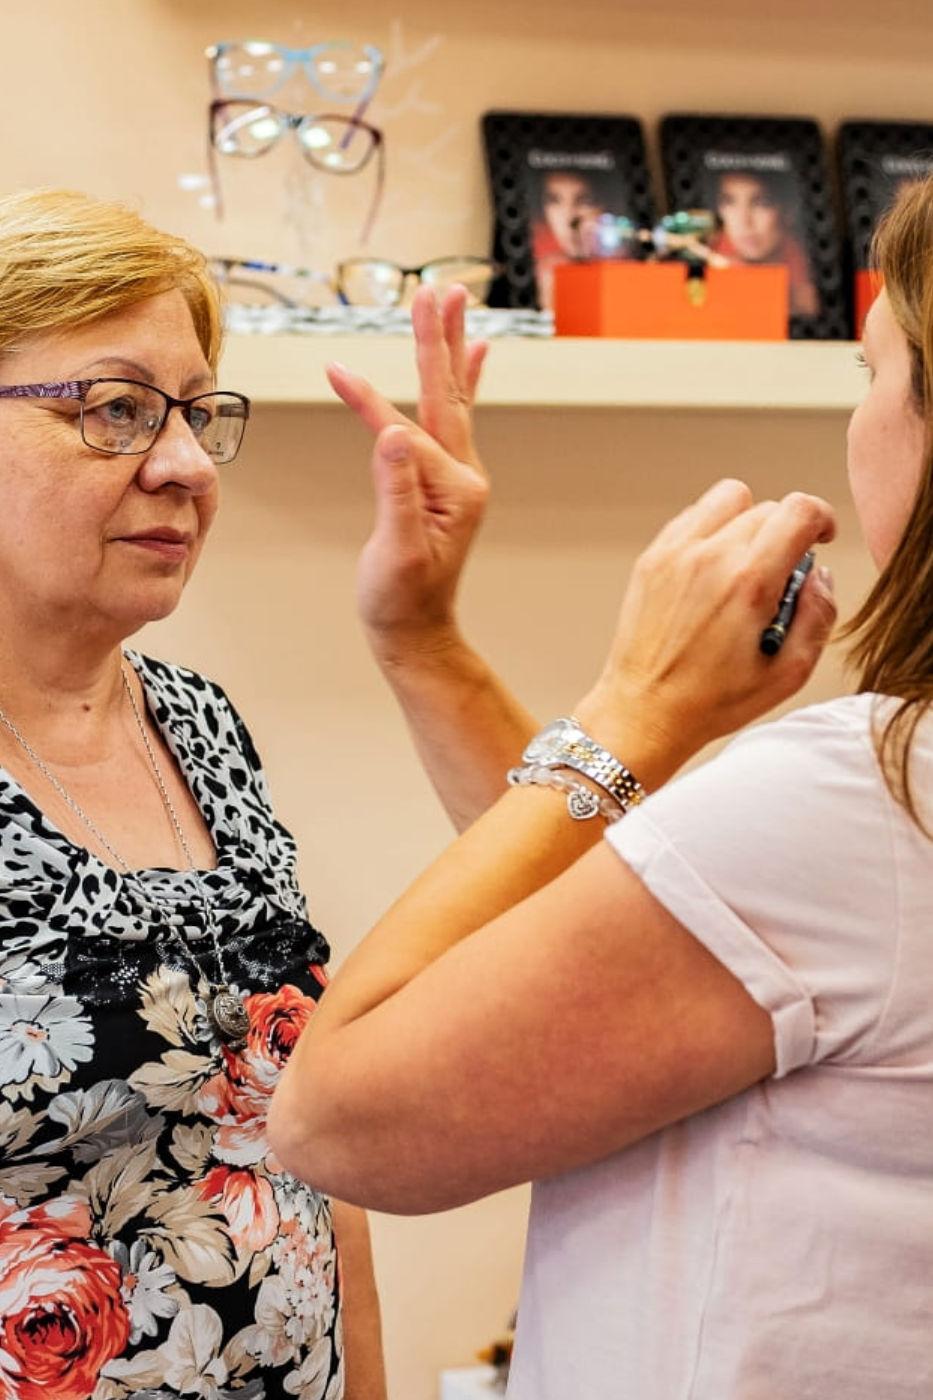 Klientka skúša pred zrkadlom nové okuliare